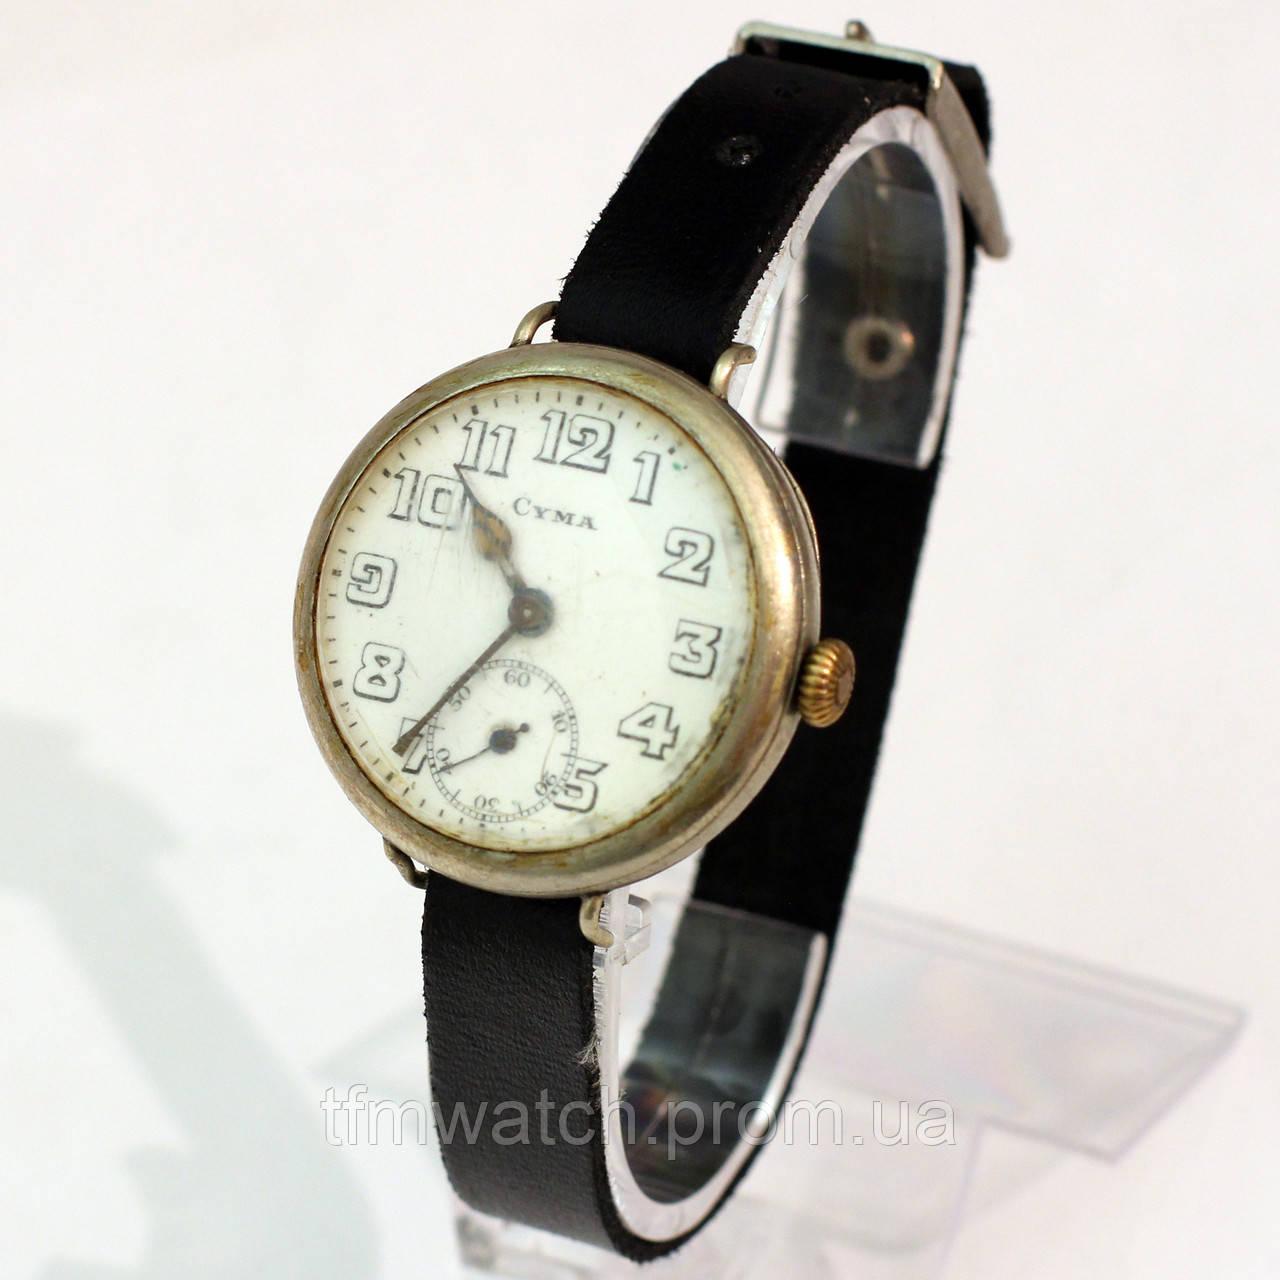 c4f942839eab Cyma старинные оригинальные швейцарские часы - Магазин старинных, винтажных  и антикварных часов TFMwatch в России